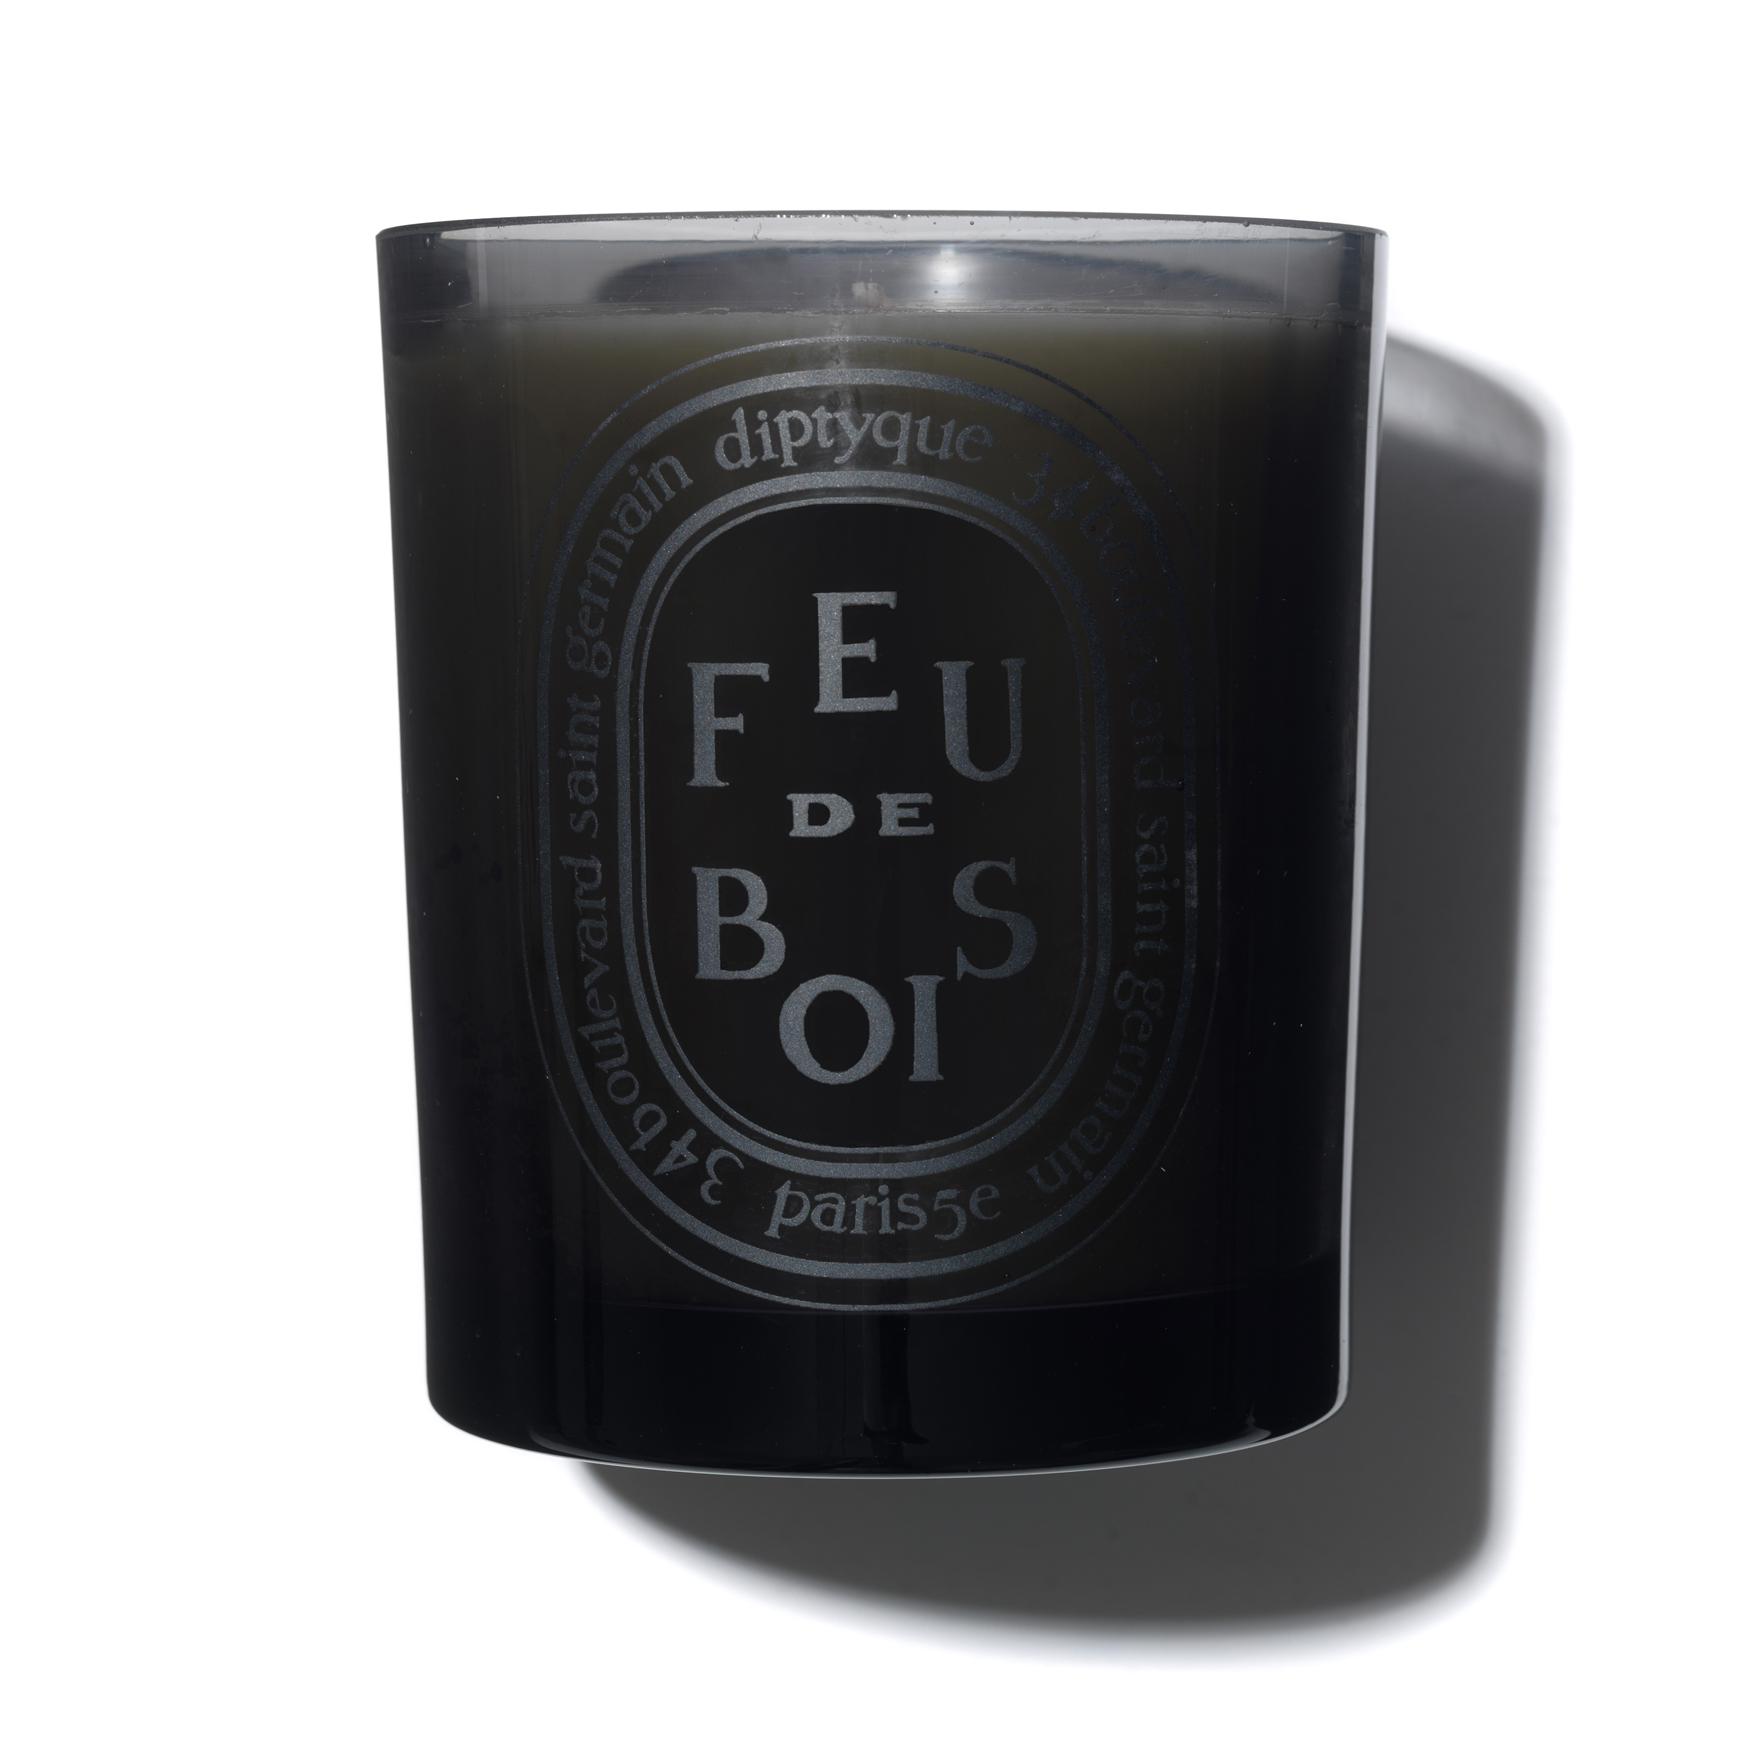 Feu de Bois Coloured Scented Candle, , large